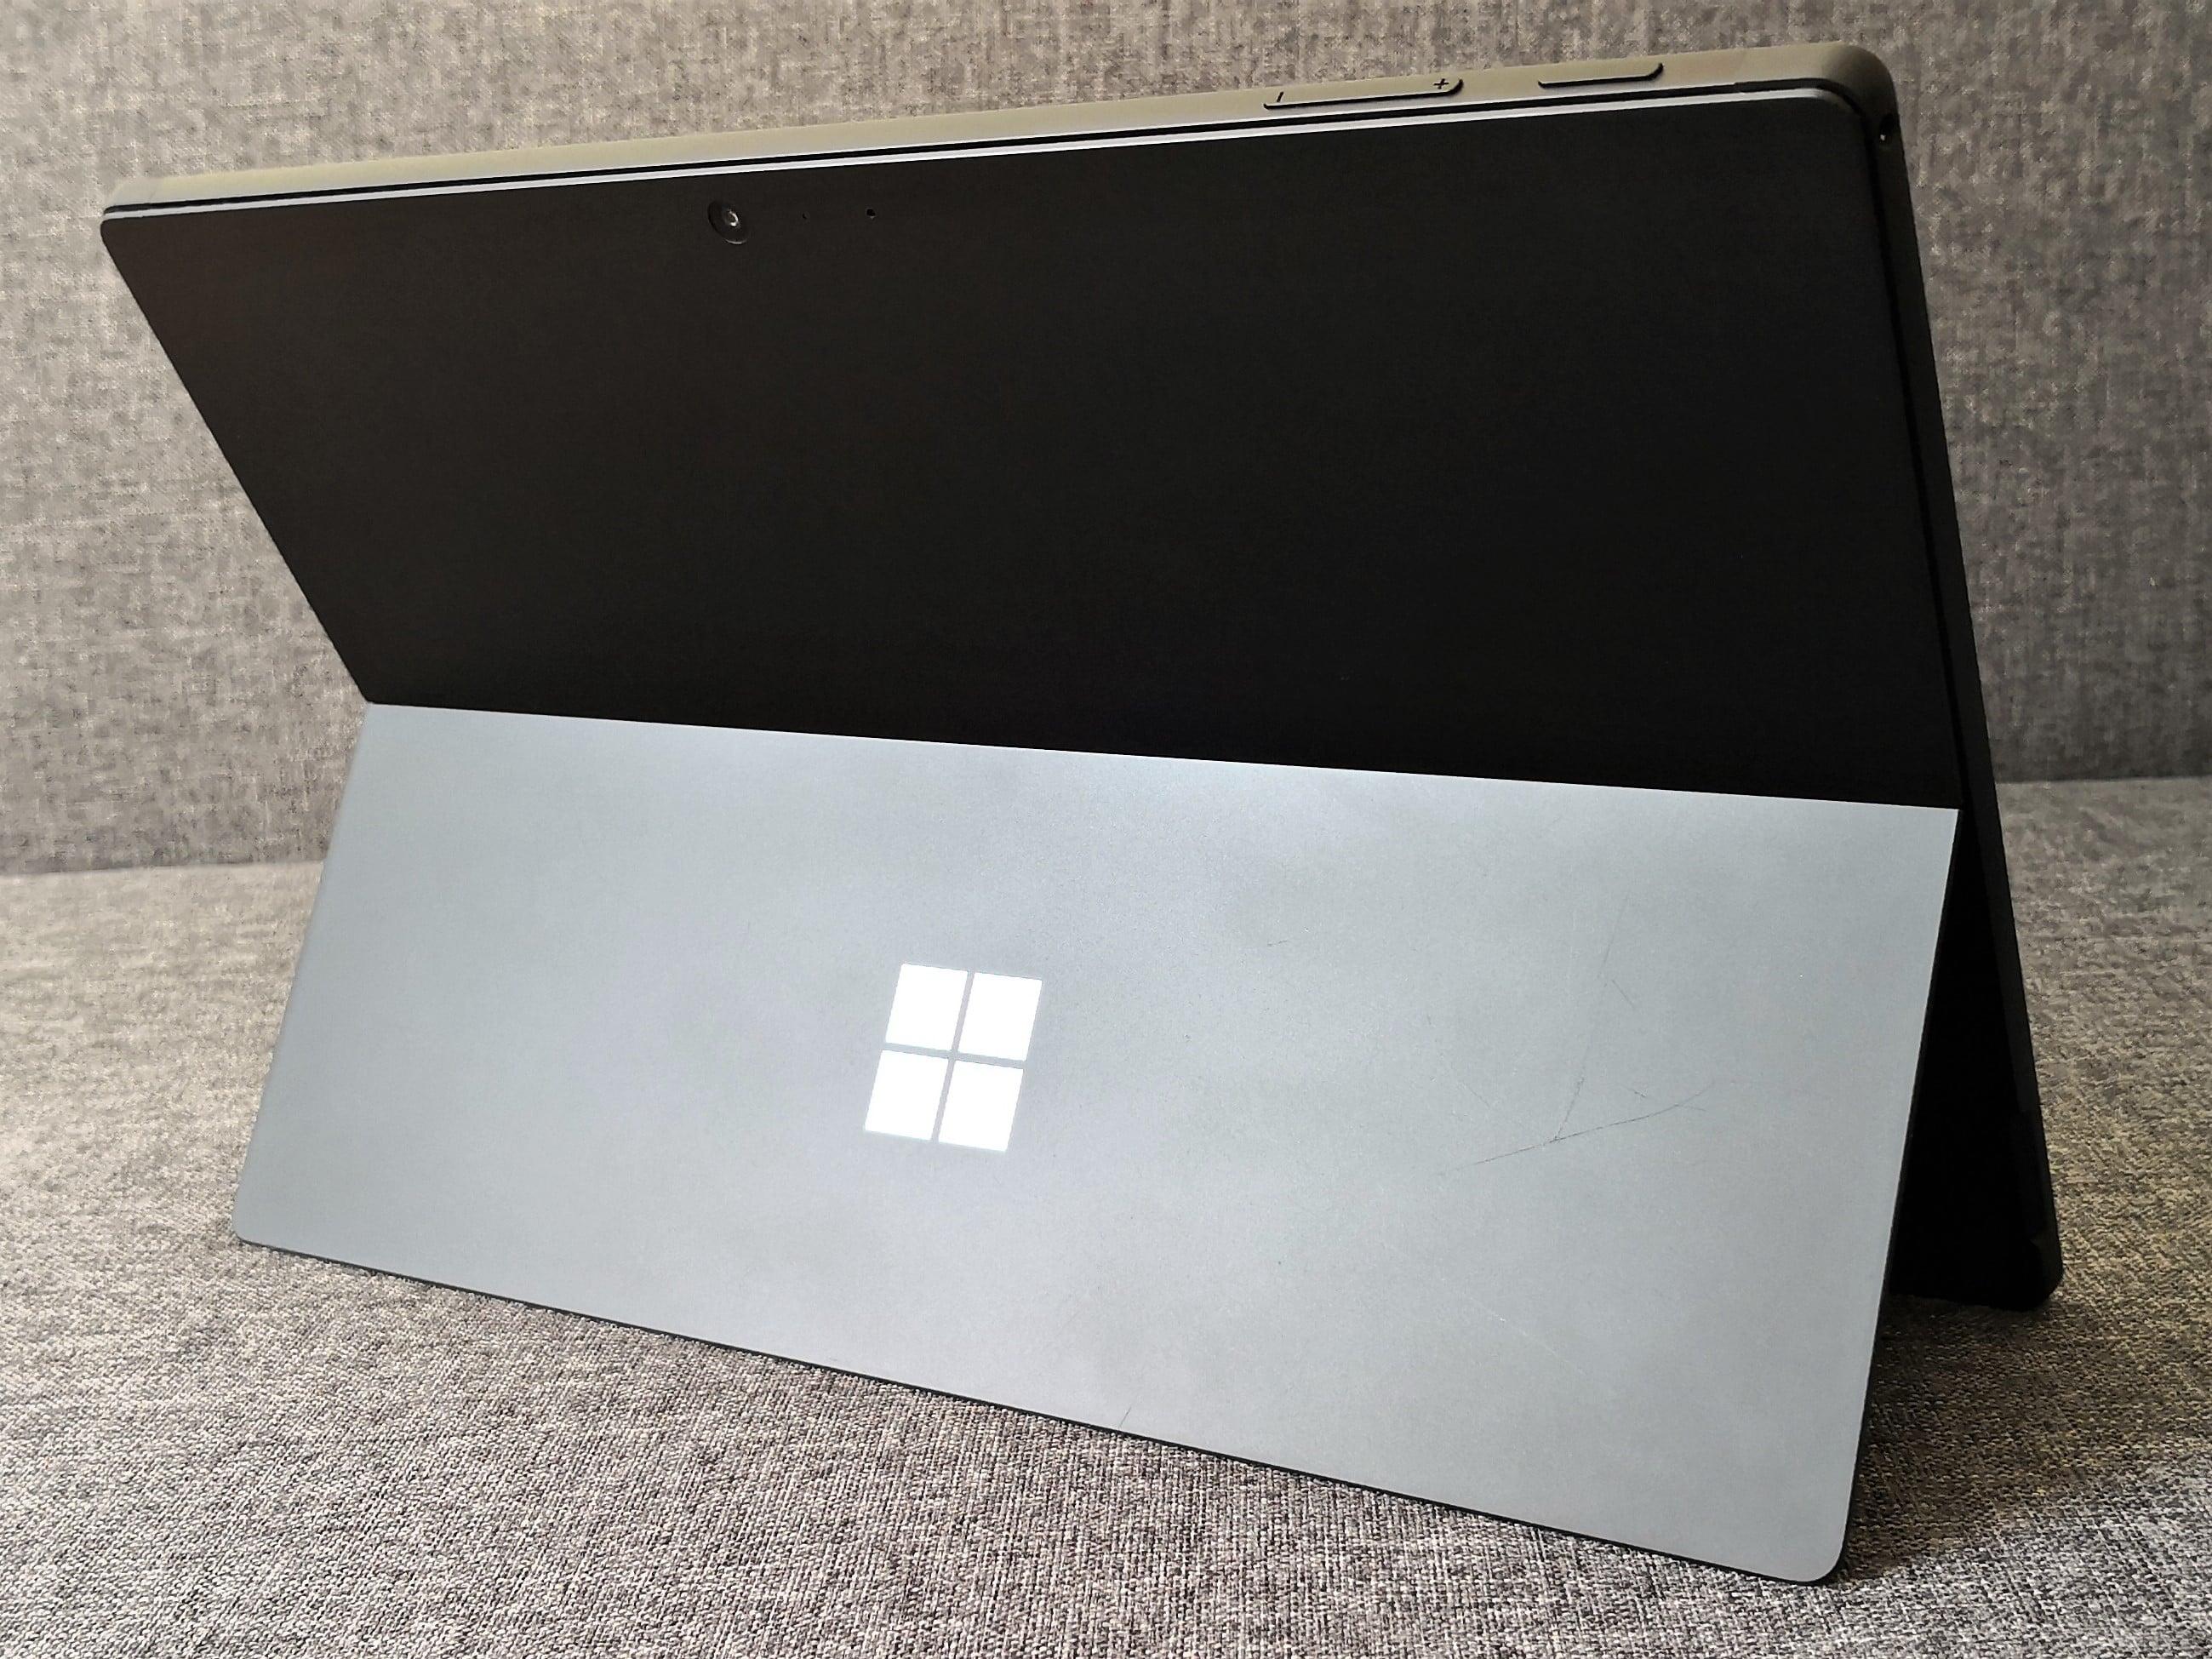 Nowy Microsoft Surface z dwoma ekranami i obsługą aplikacji z Androida? 24